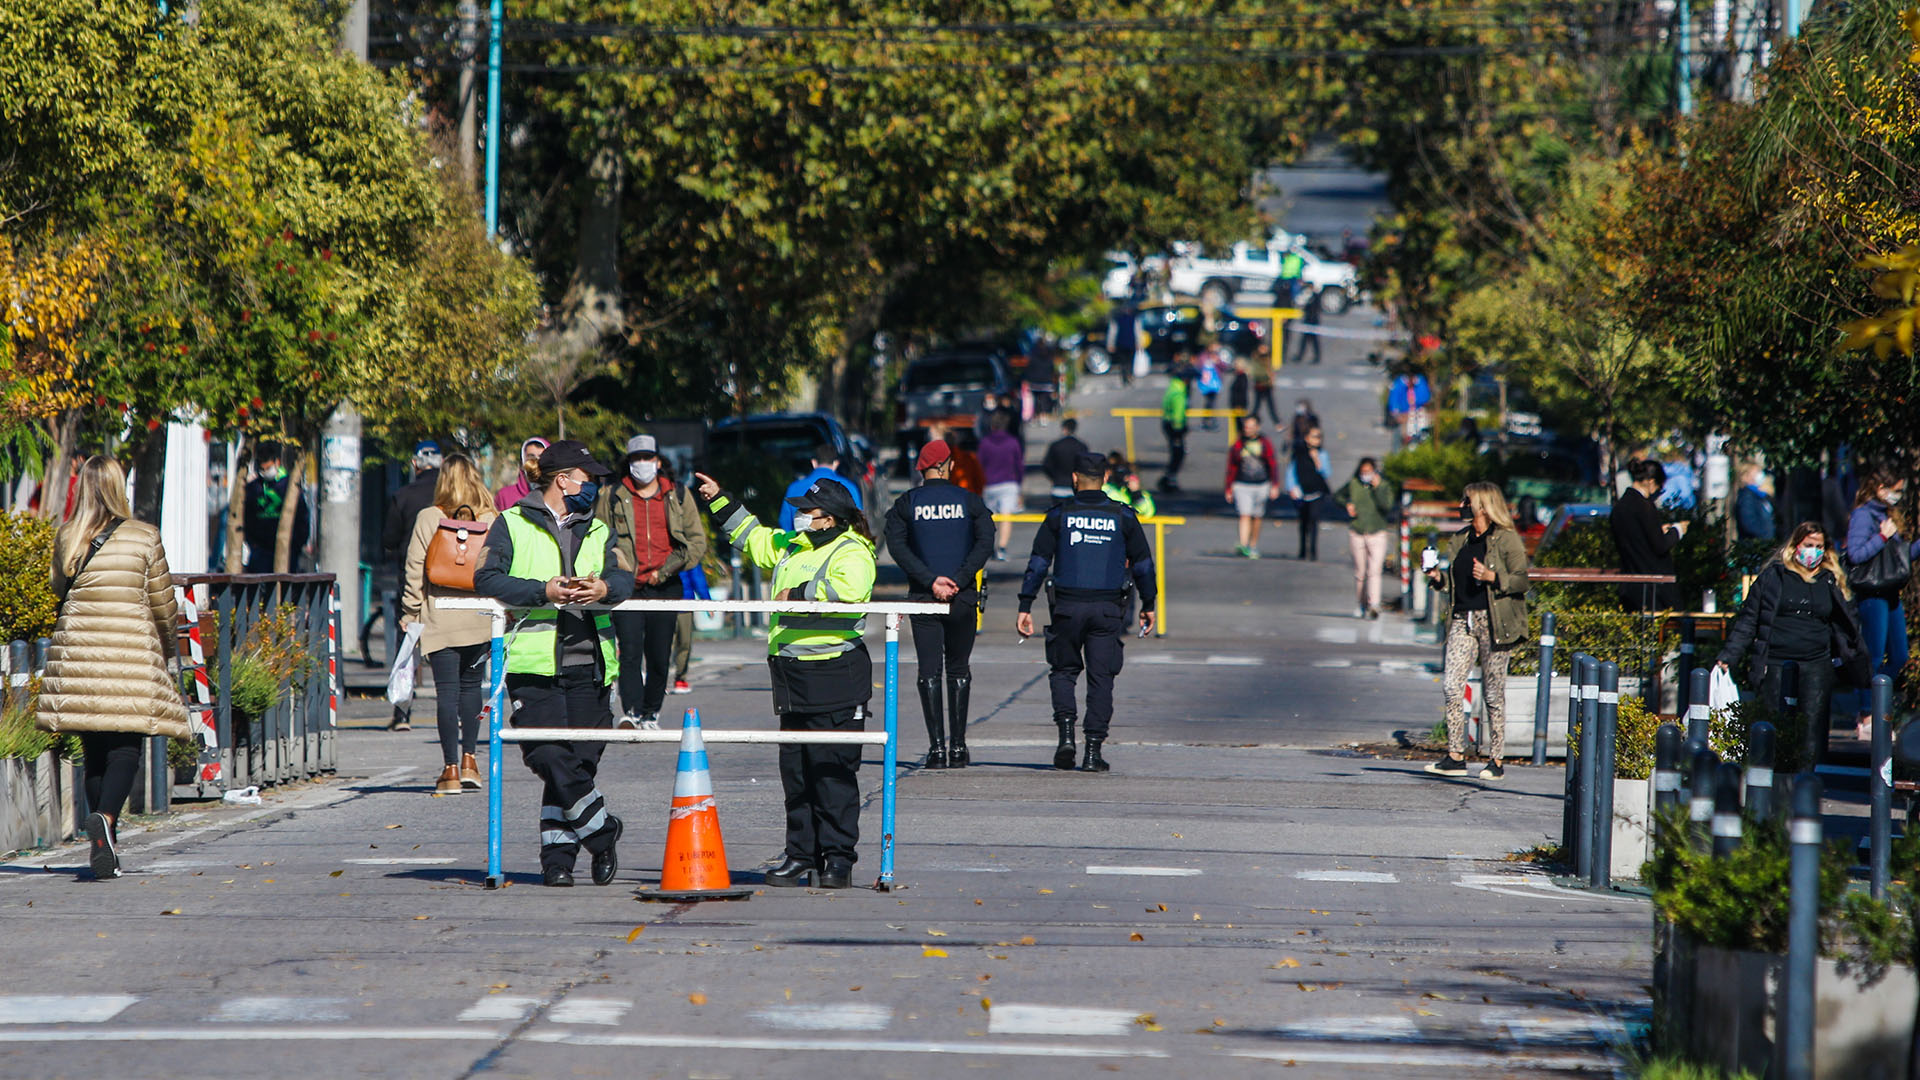 La policía estableció un sistema de vallado a partir de las 9 de la mañana en las calles San Juan y Güemes para hacerlas peatonales y facilitar el distanciamiento social (Christian Heit)